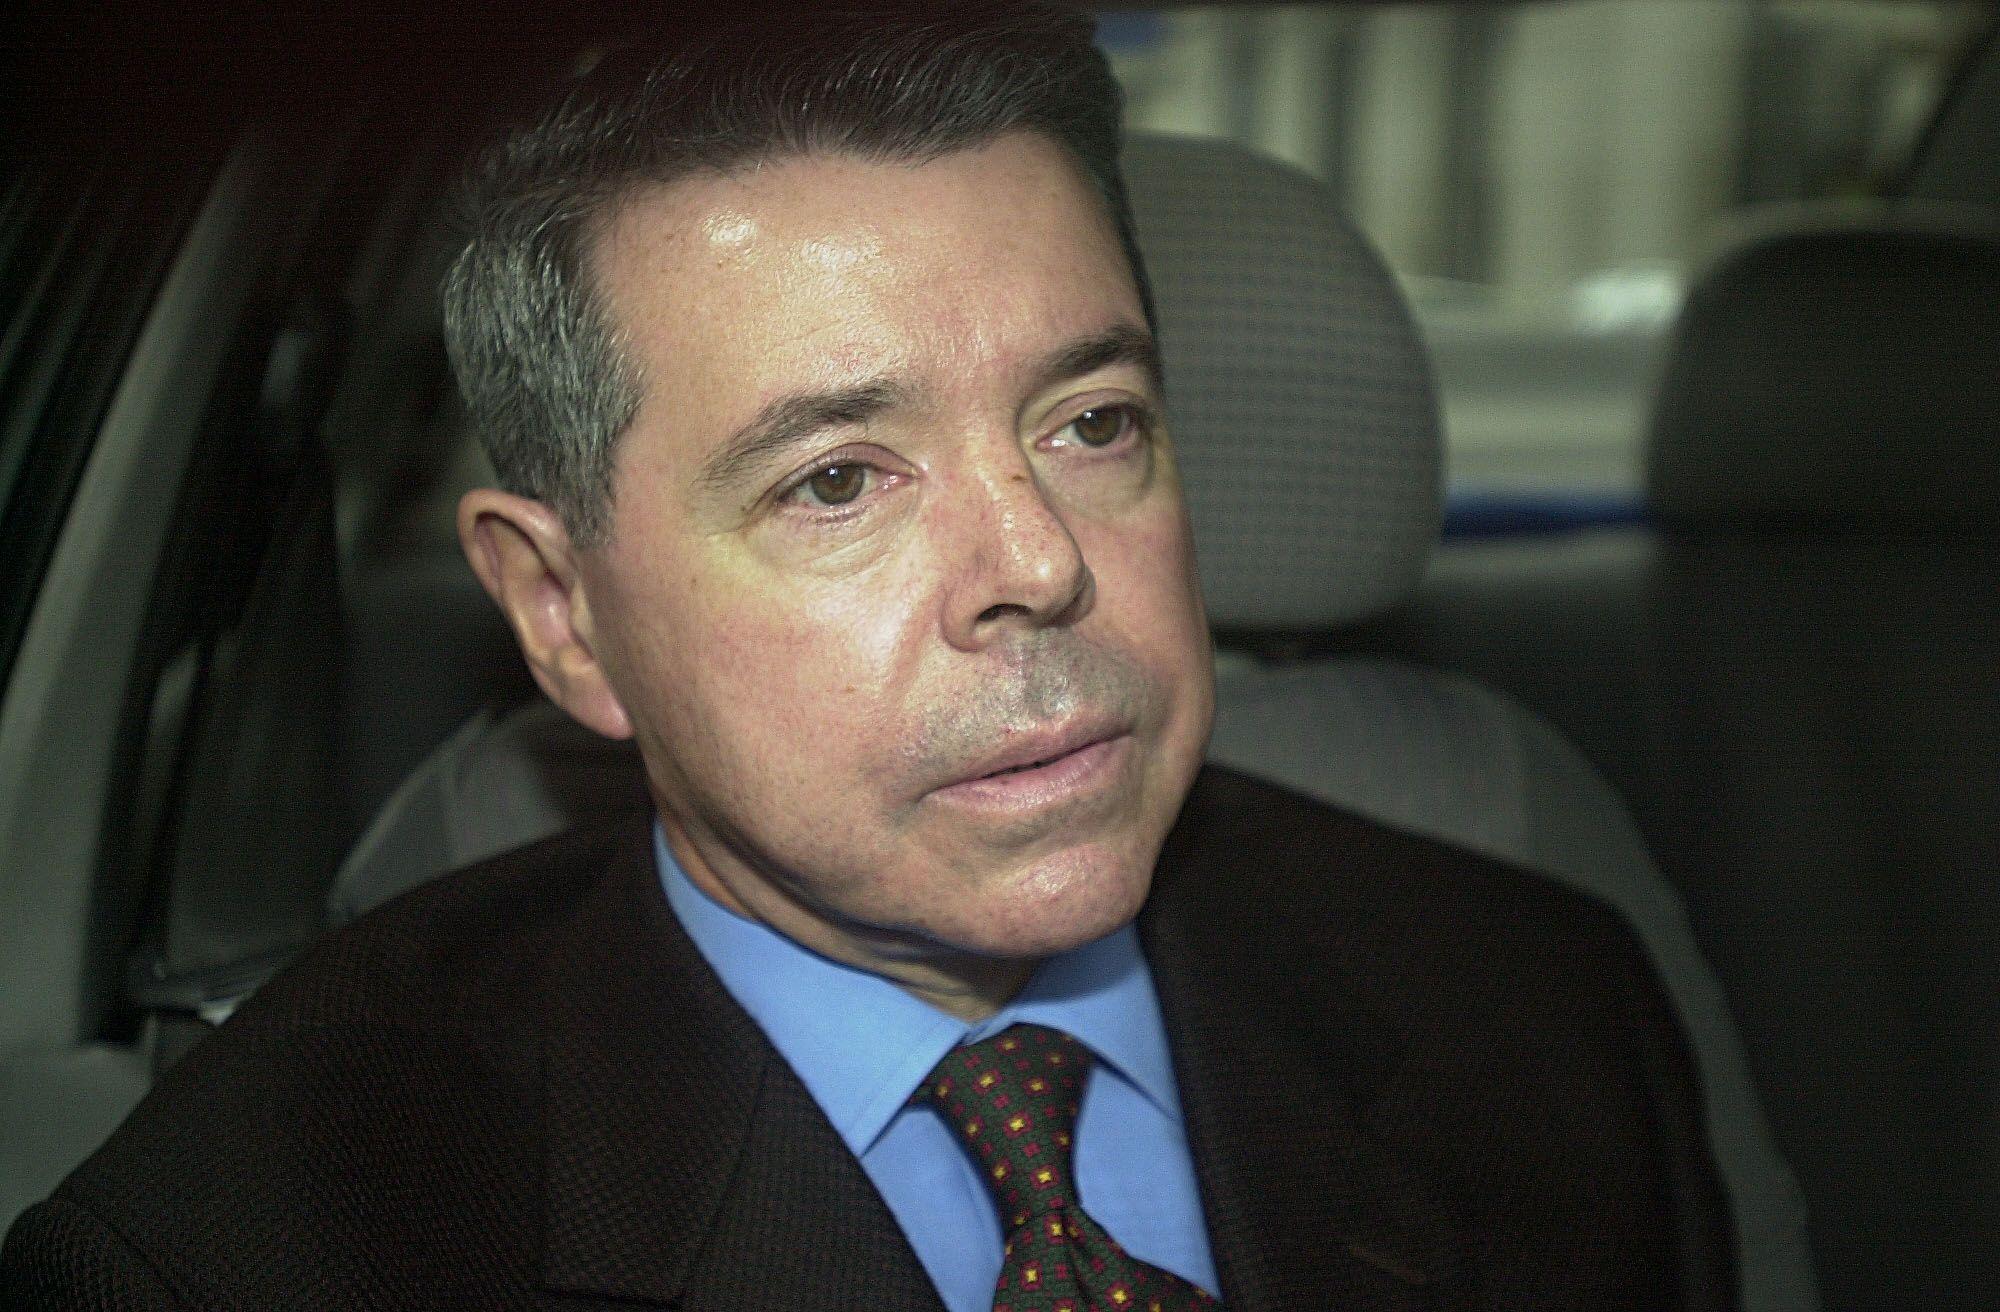 ¿Qué había en la caja fuerte que le robaron al ex juez Oyarbide?